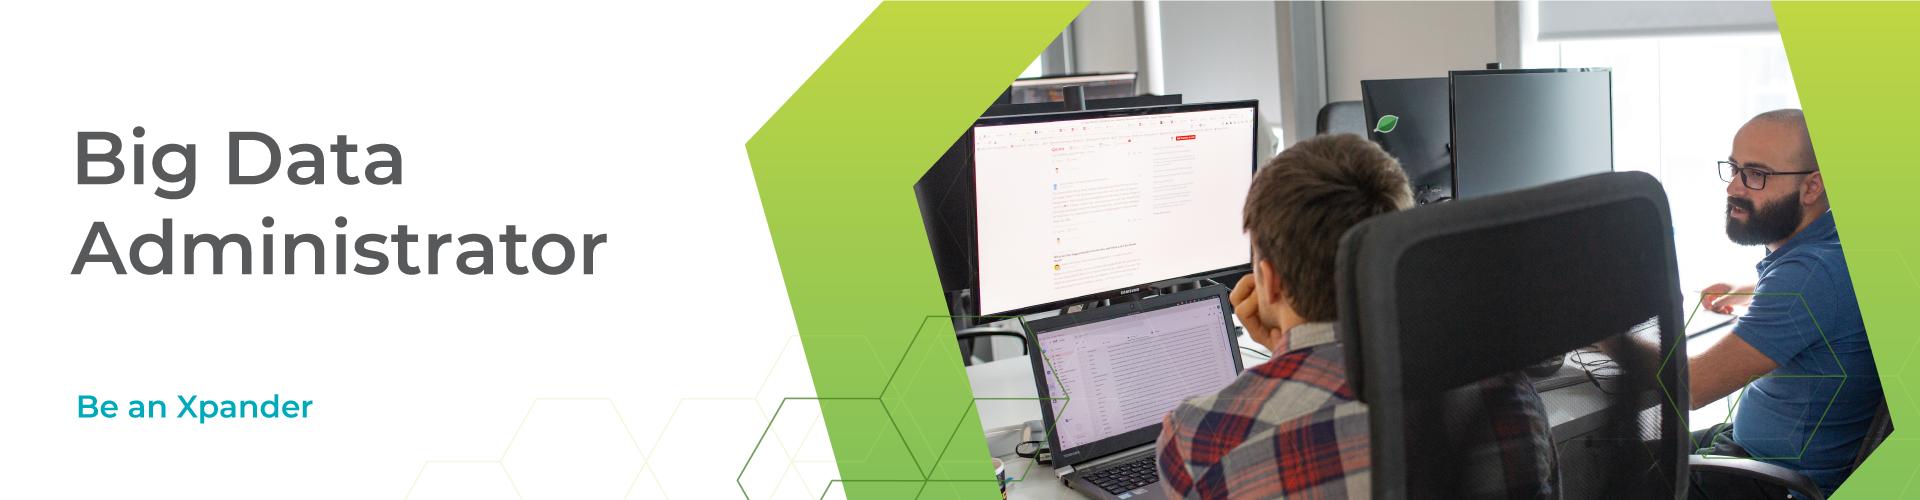 Oportunidade de emprego Big Data Administrator Xpand IT